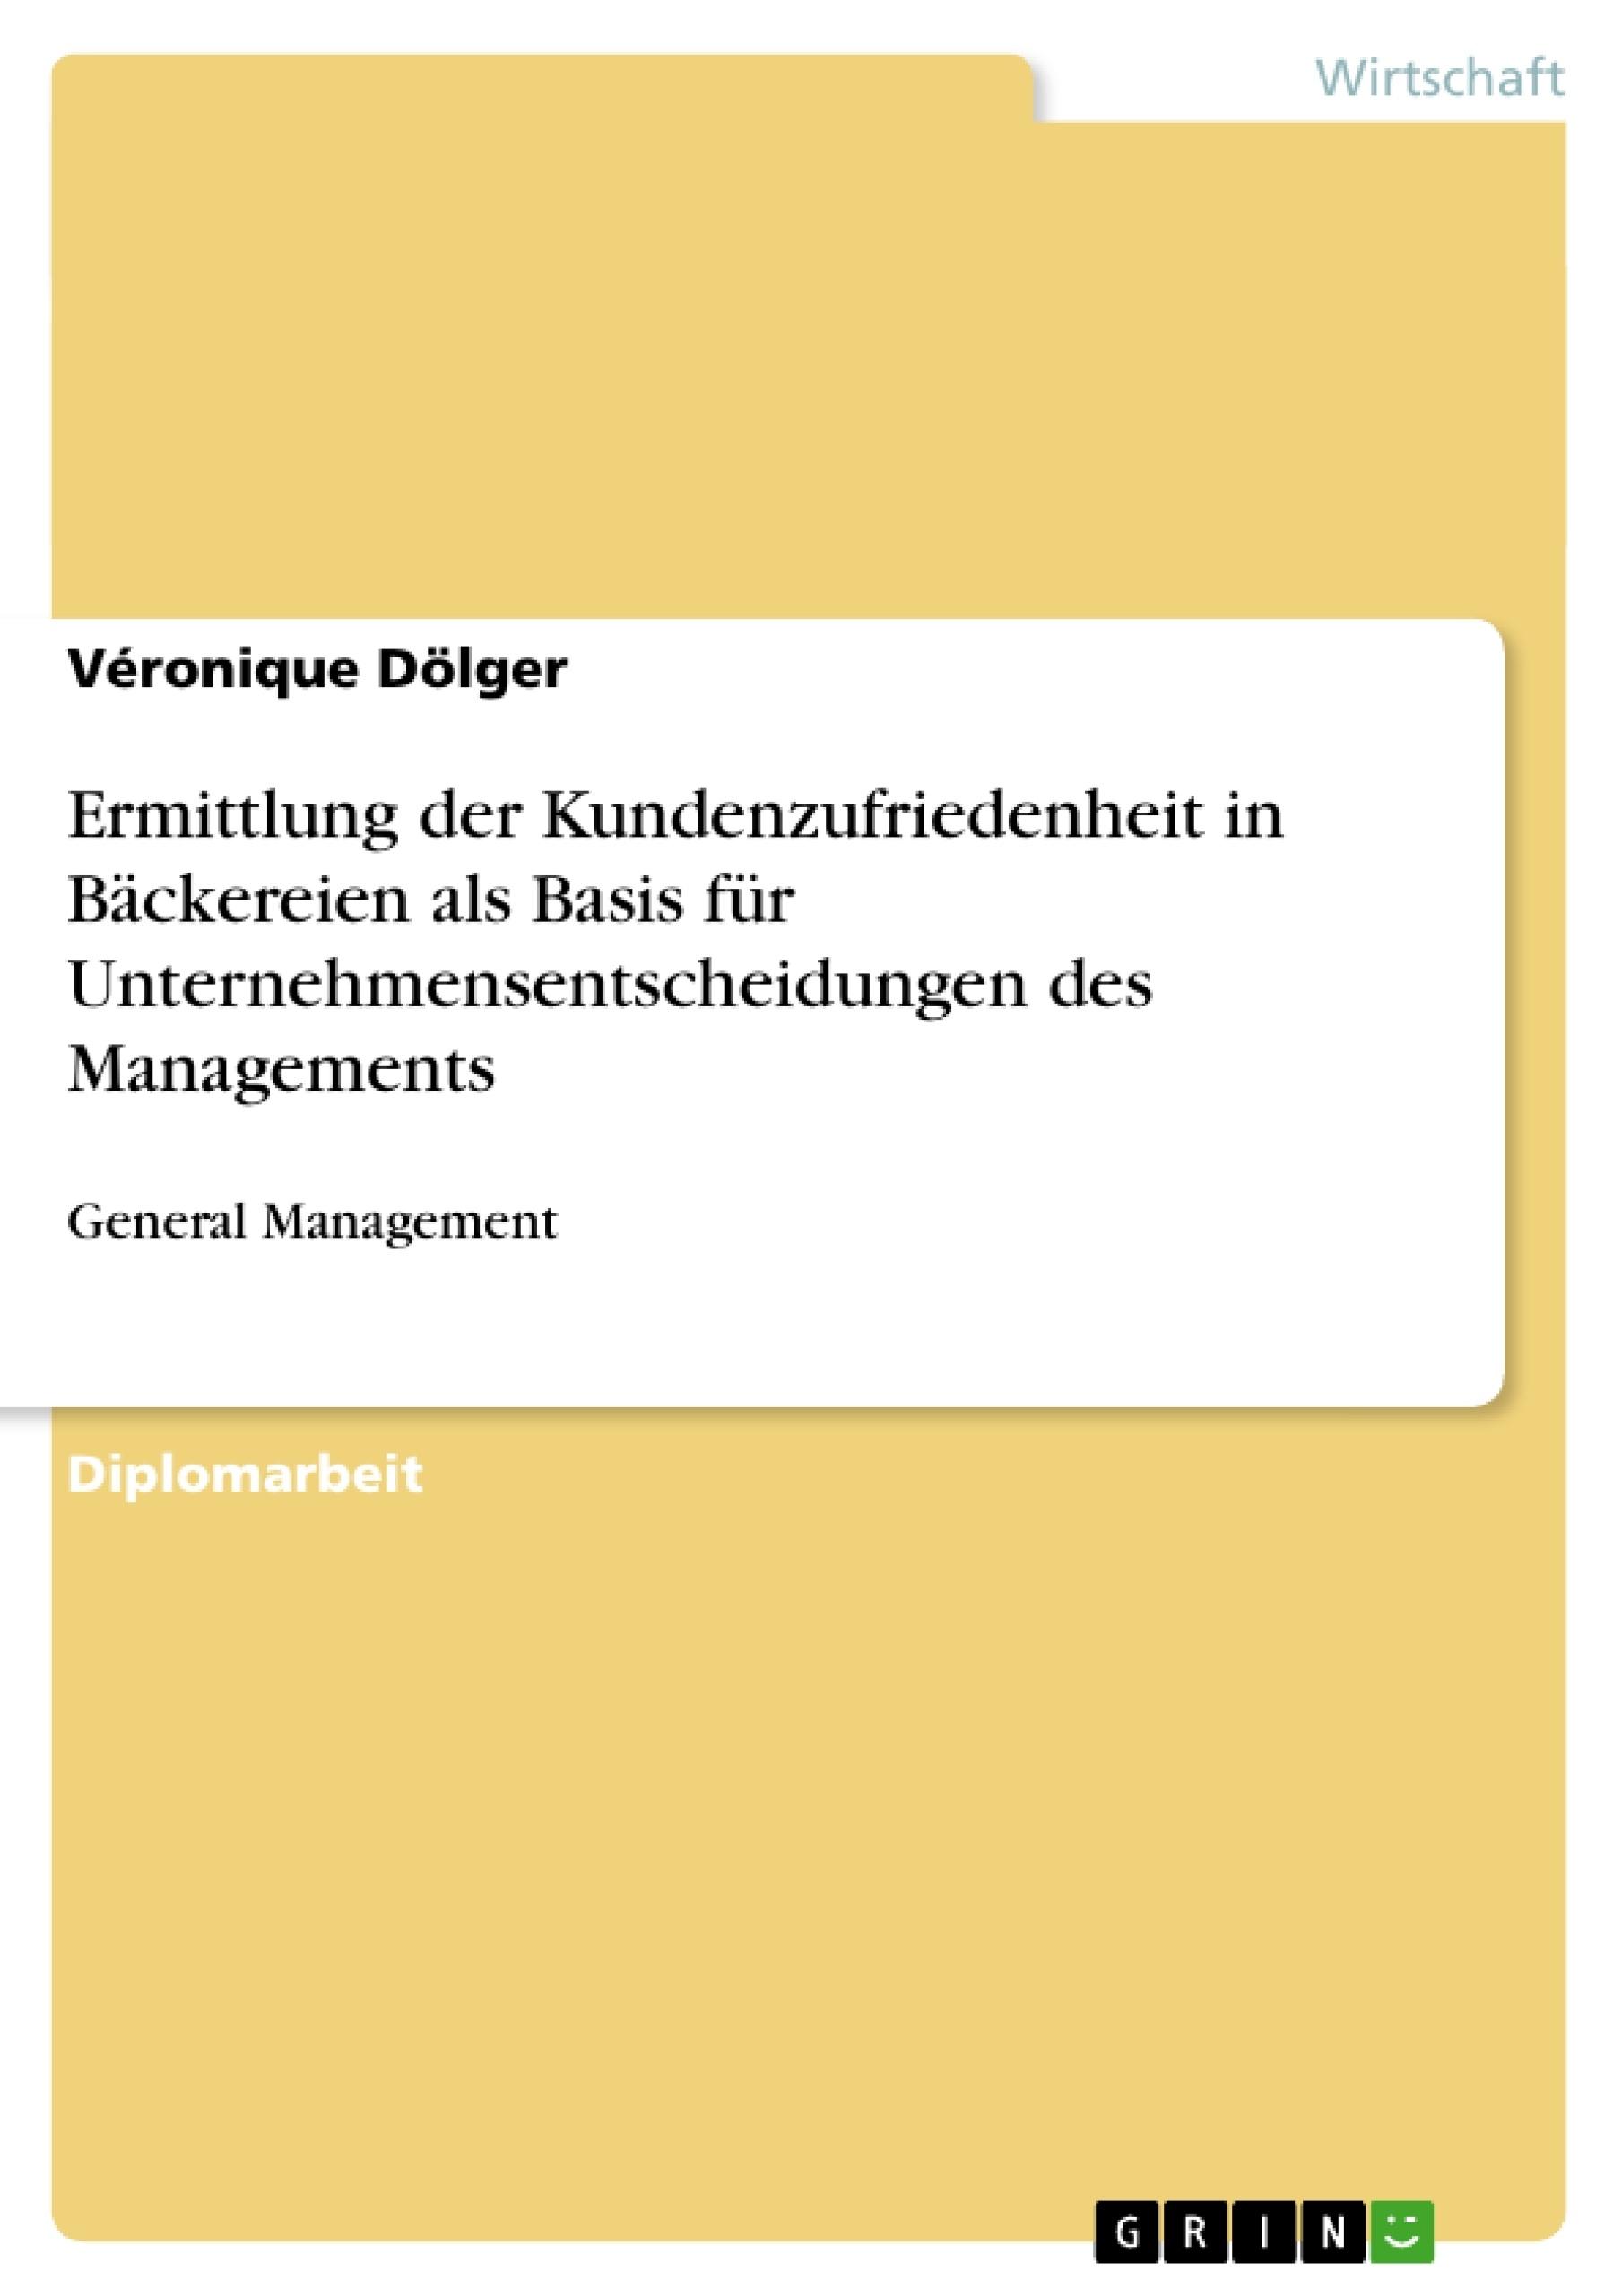 Titel: Ermittlung der Kundenzufriedenheit in Bäckereien als Basis für Unternehmensentscheidungen des Managements